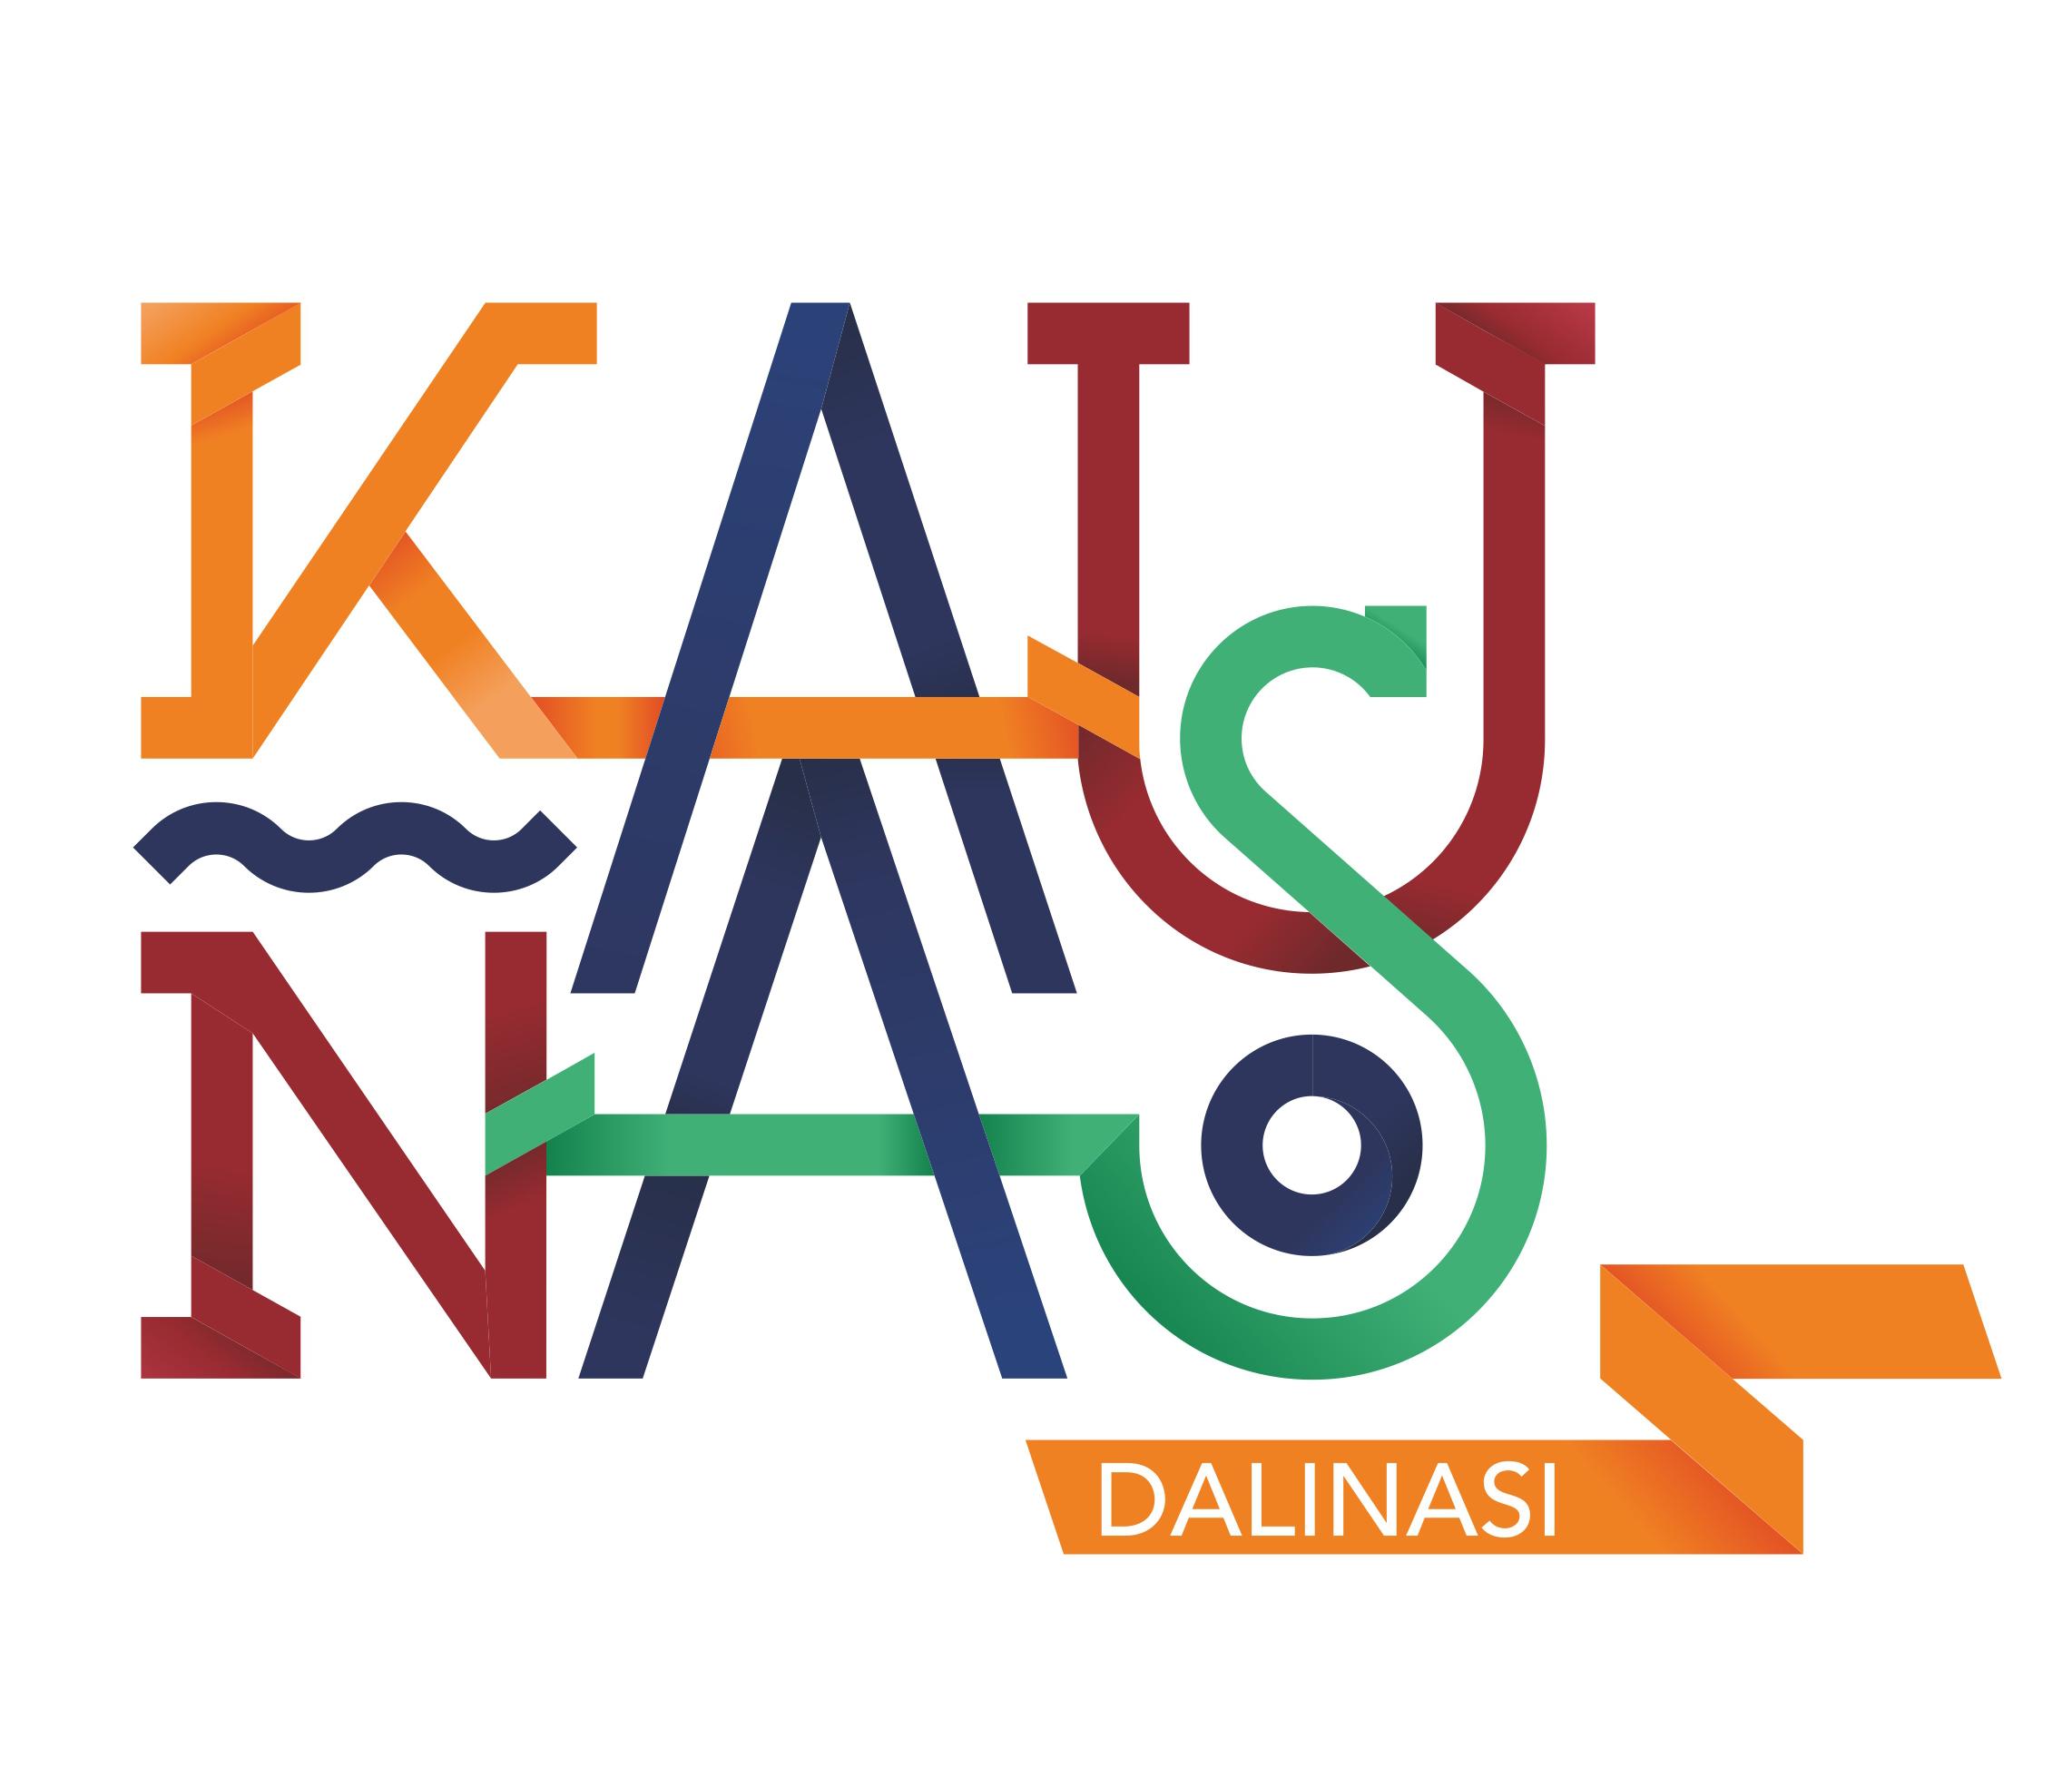 Kaunas-dalinasi-logo-sukis